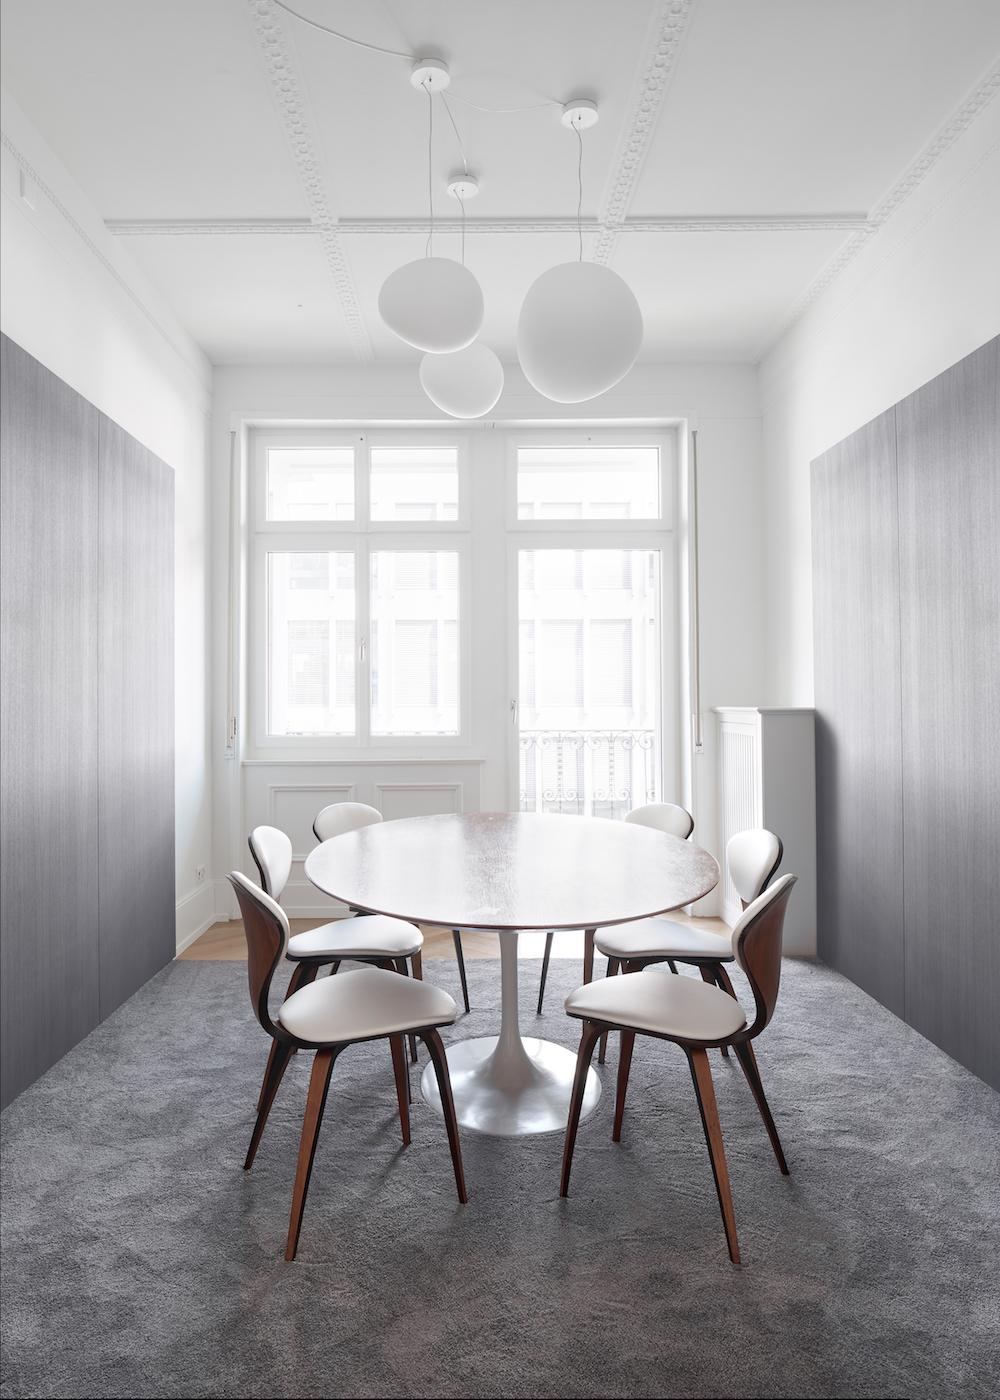 Buero Zuerich I (c) Adolf Bereuter / GOOS Architekten